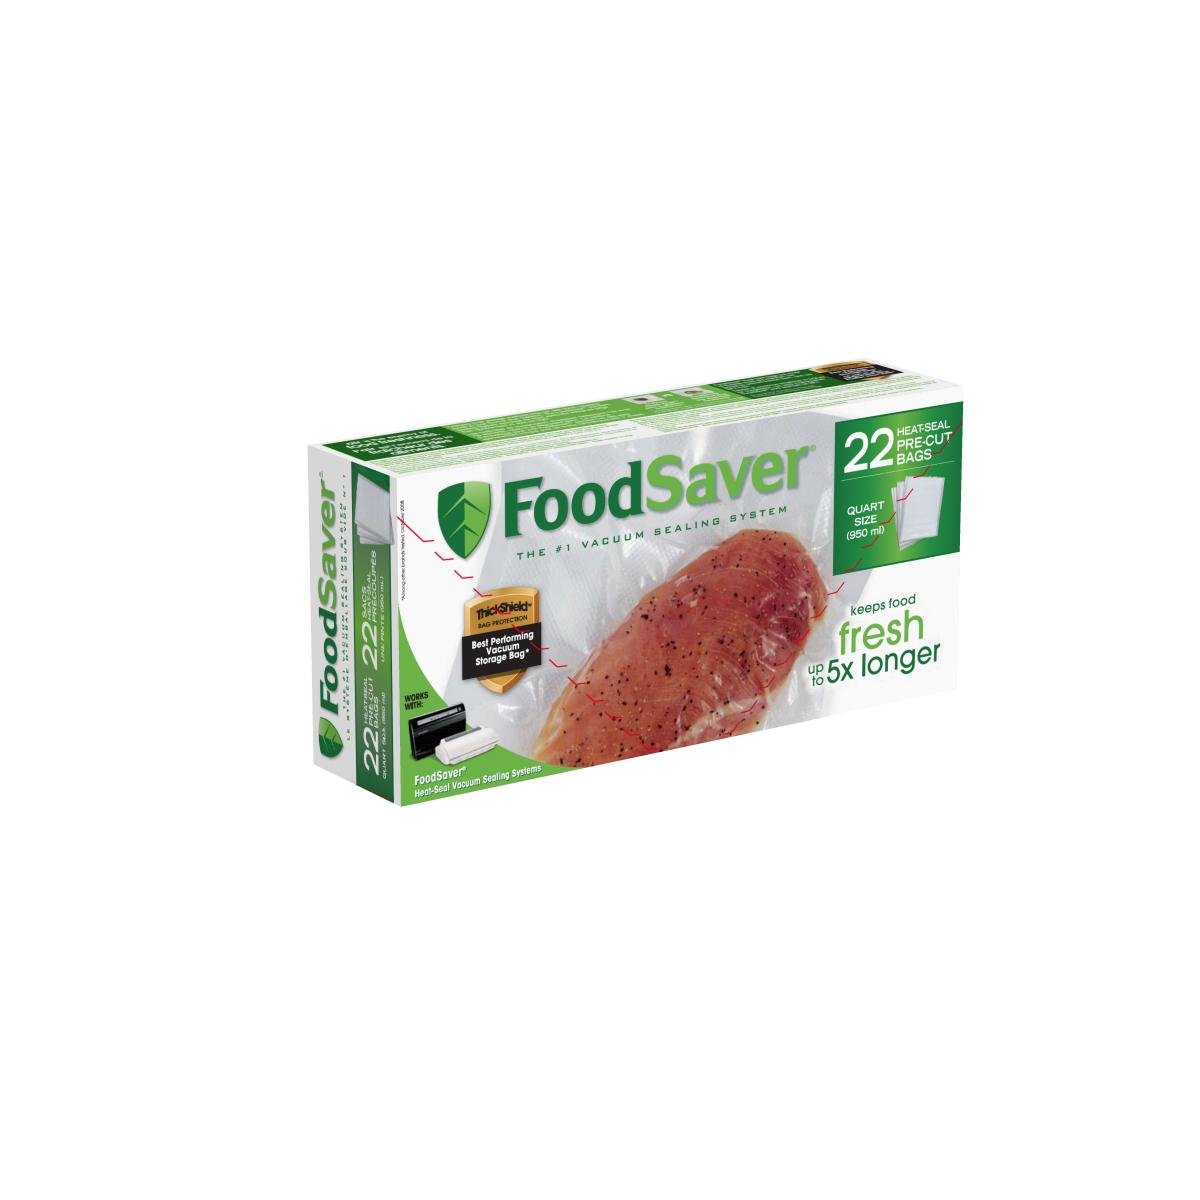 foodsaver quart size heat seal vacuum sealer bags 22 count